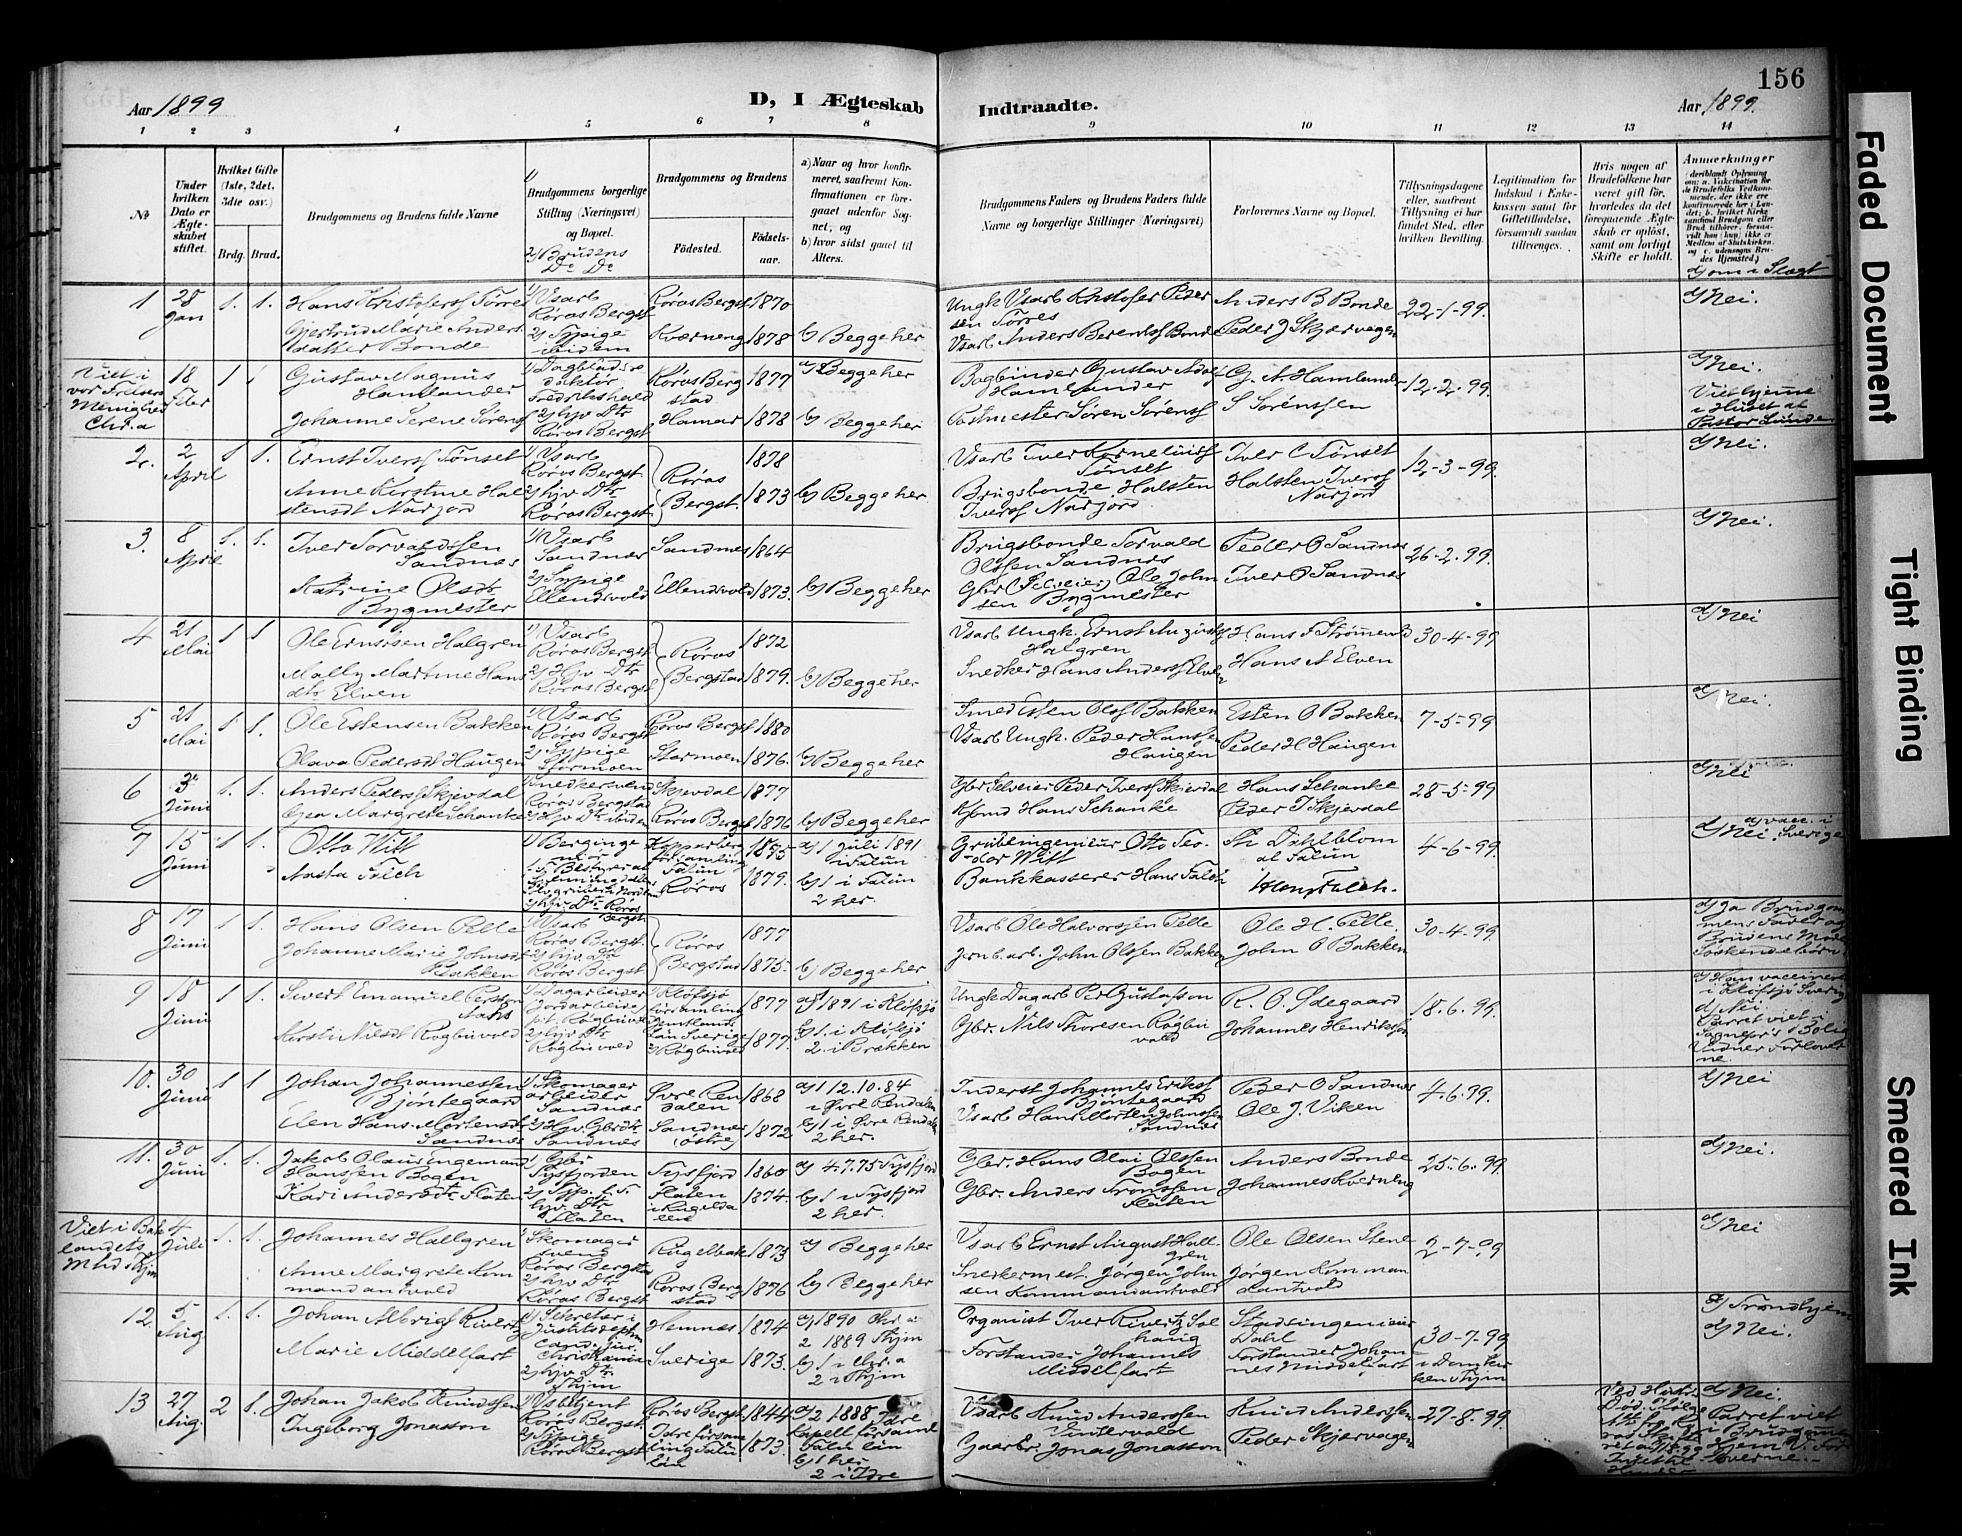 SAT, Ministerialprotokoller, klokkerbøker og fødselsregistre - Sør-Trøndelag, 681/L0936: Ministerialbok nr. 681A14, 1899-1908, s. 156